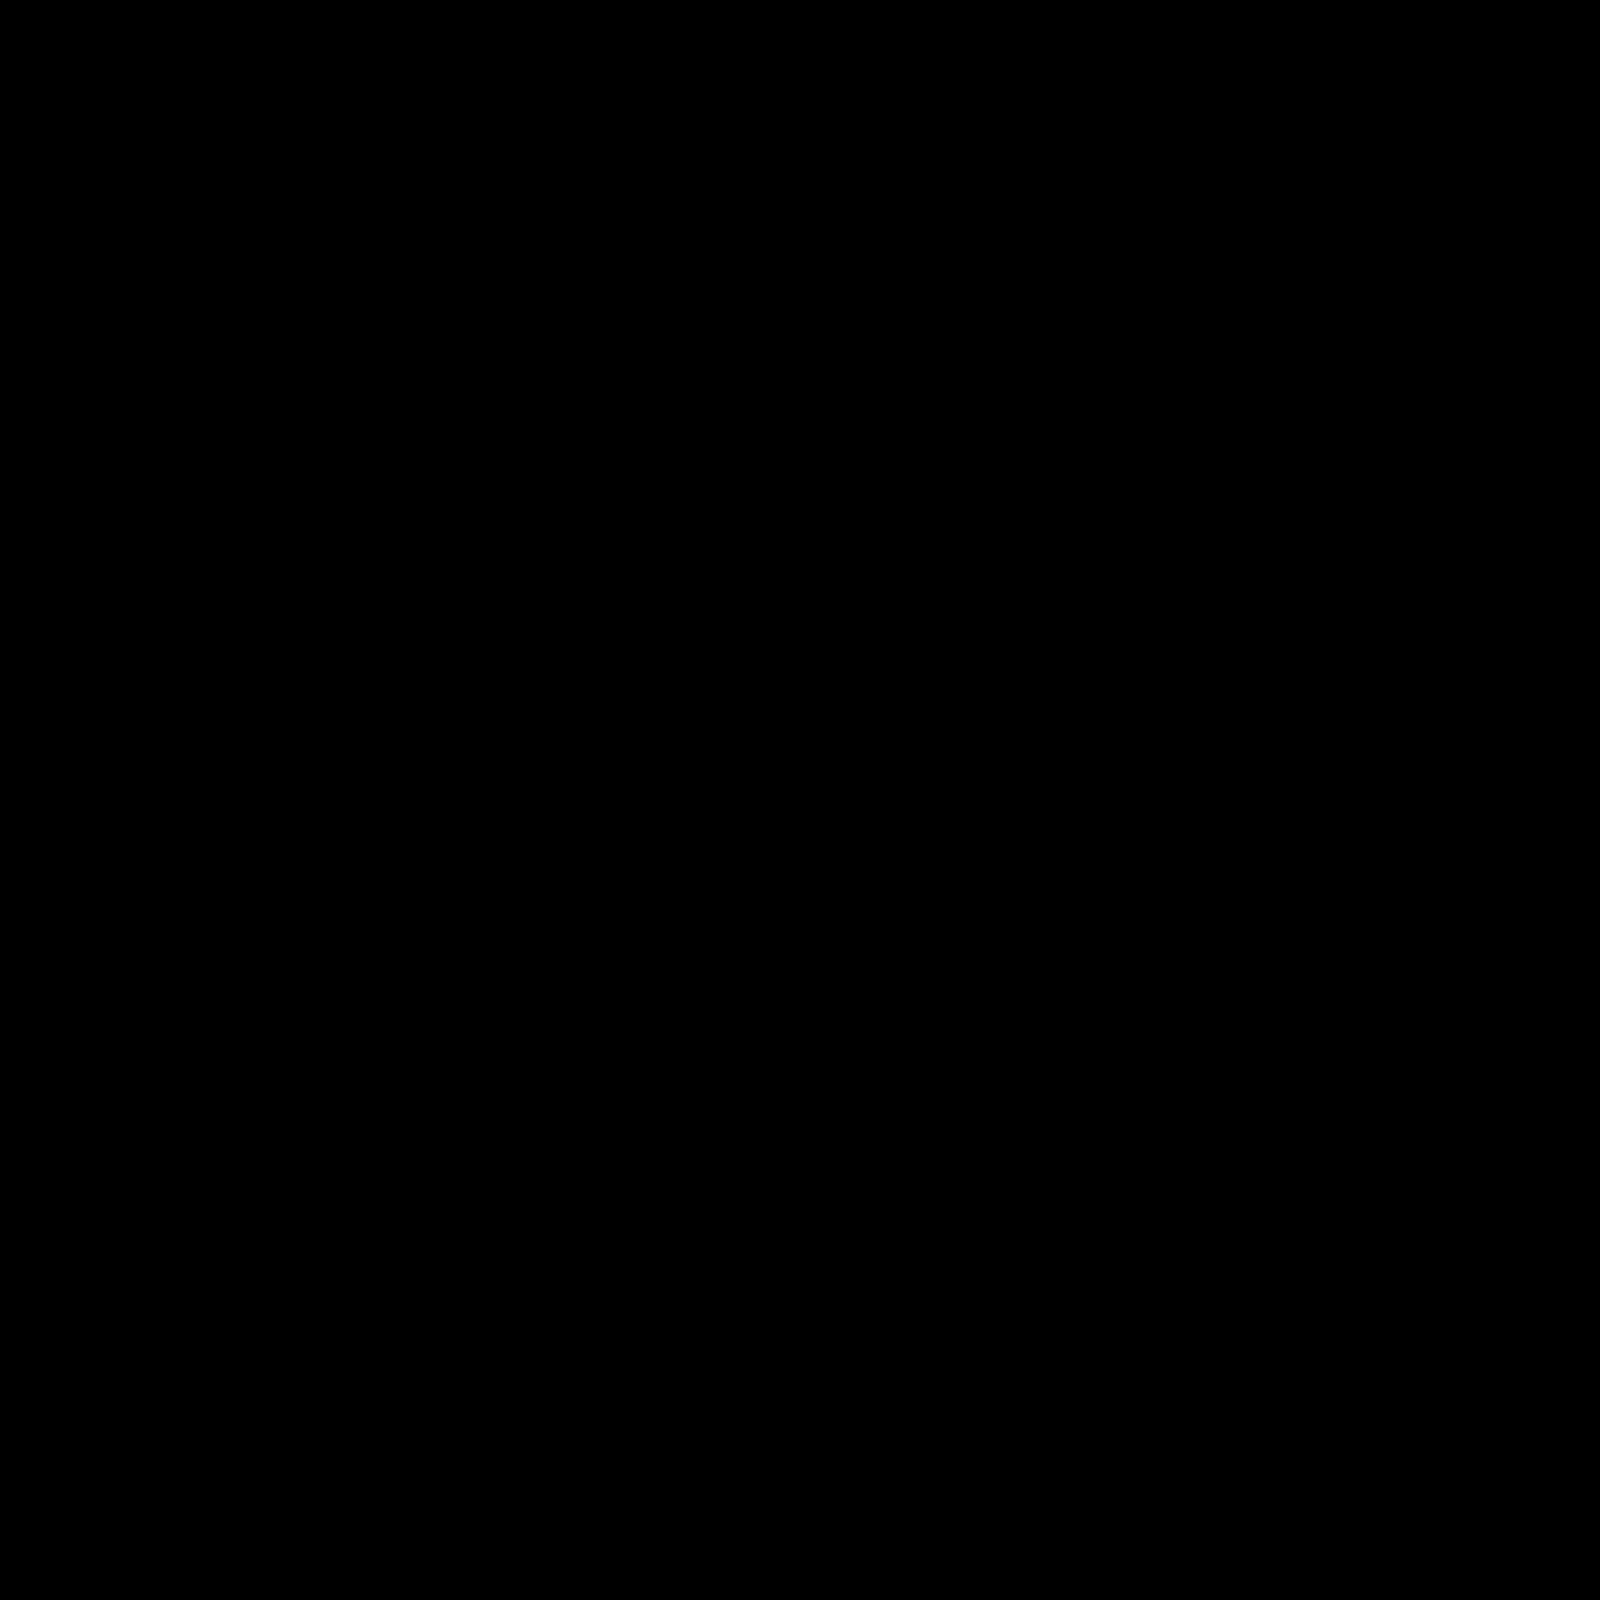 Geschäftsbericht icon